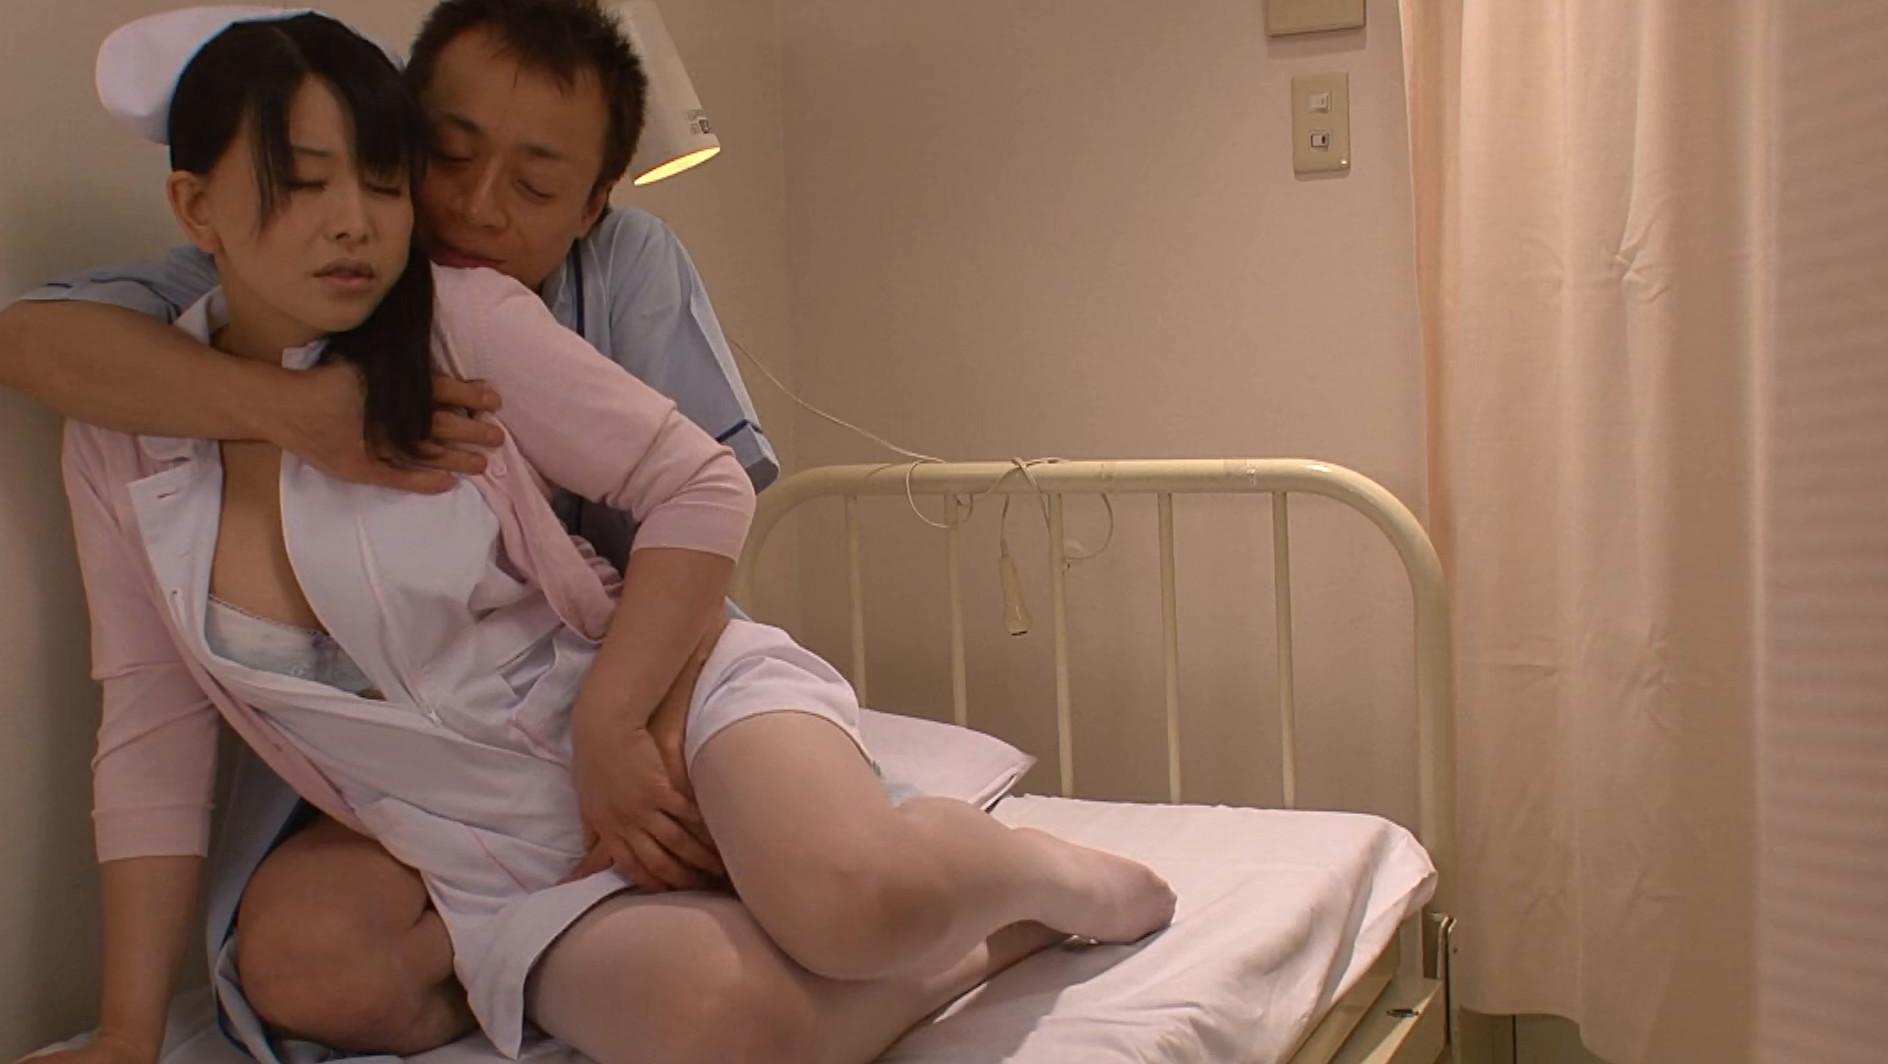 緊急事態 医療崩壊で寝る暇すらない人妻ナース それでもSEXだけは自由にさせて!深夜の欲求不満解消エロエロ濃厚接触看護中 12人4時間BEST 画像5